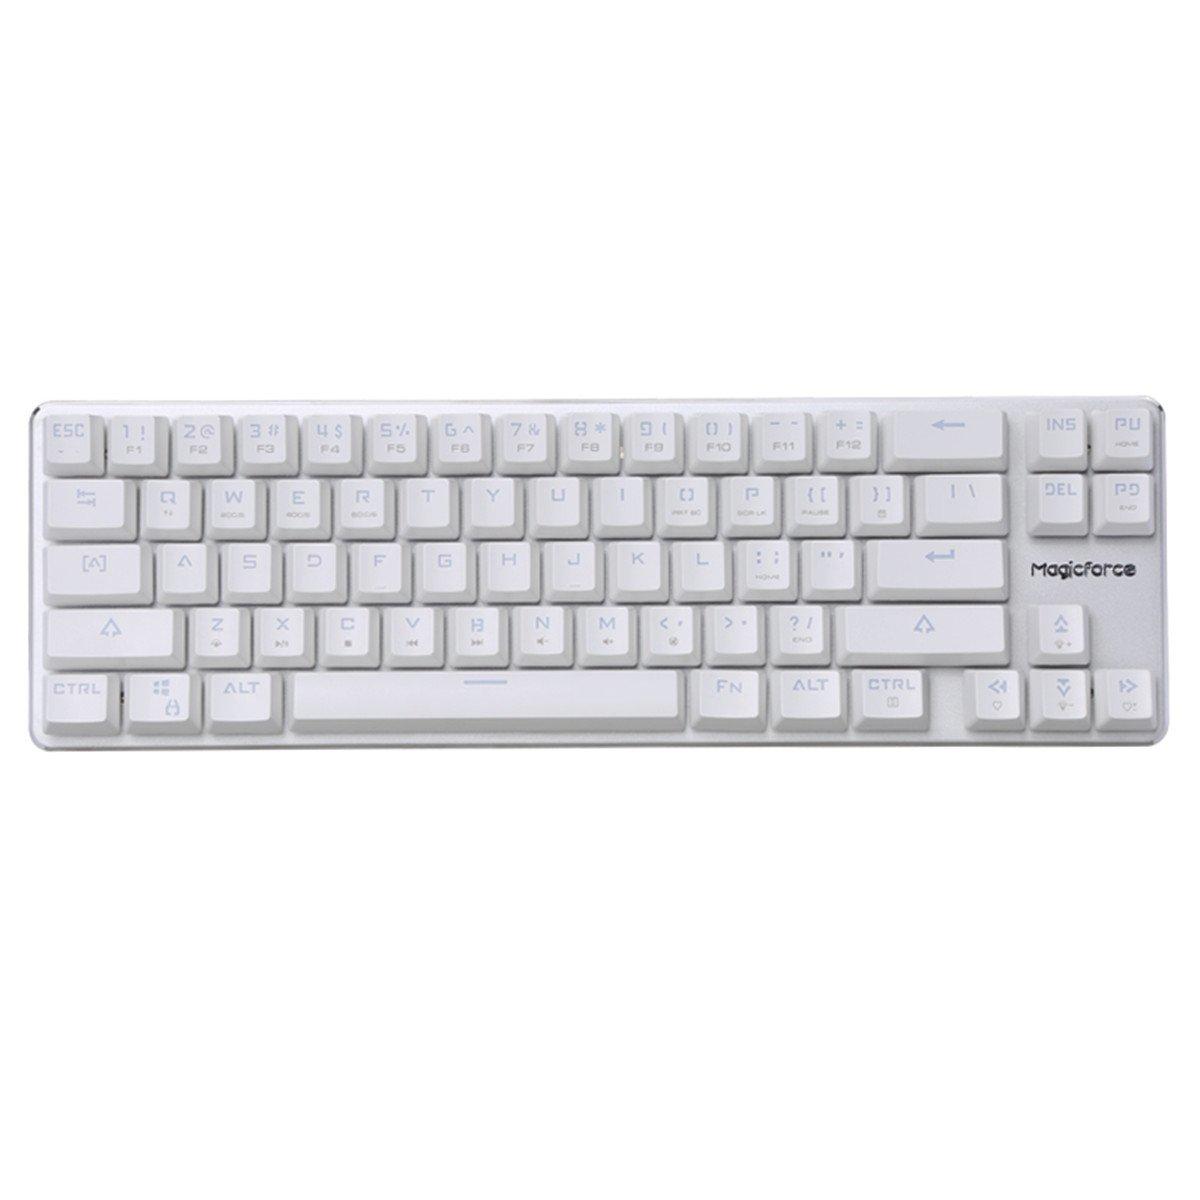 Amazon Mechanical Keyboard Gaming Keyboard GATERON Blue – Blank Keyboard Worksheet